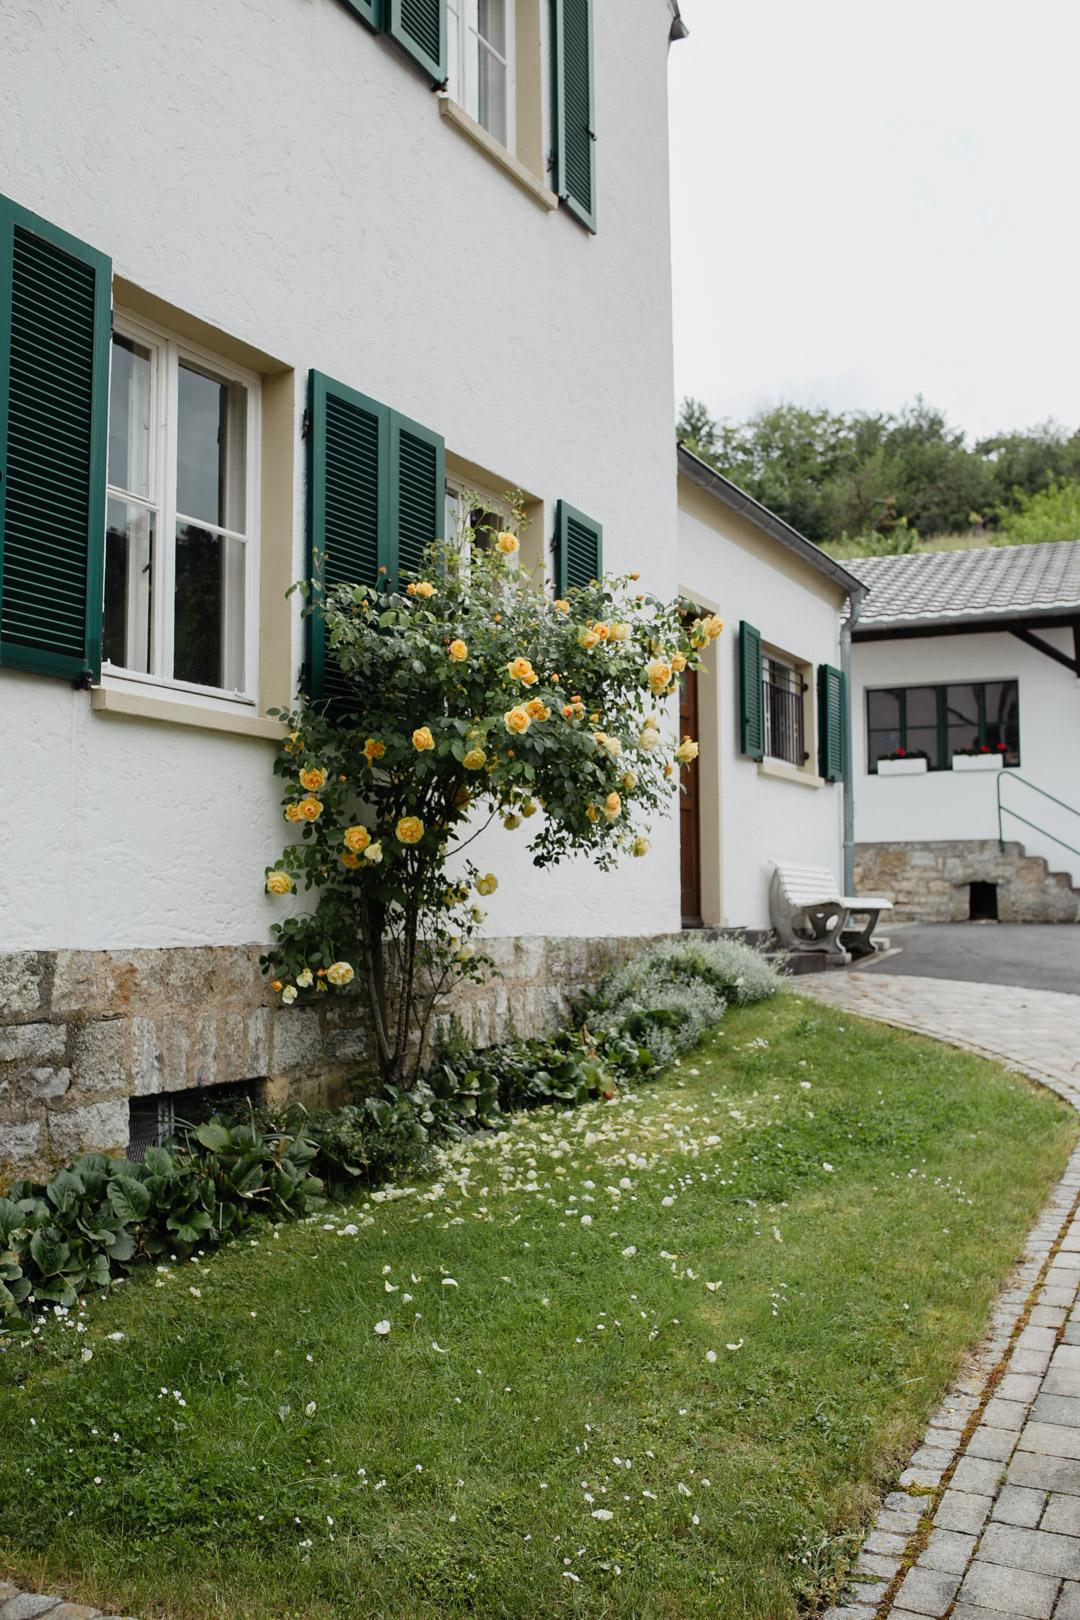 Ferienhaus in der Nähe von Nürnberg // Pieces of Mariposa - Lifestyle Blog aus Nürnberg